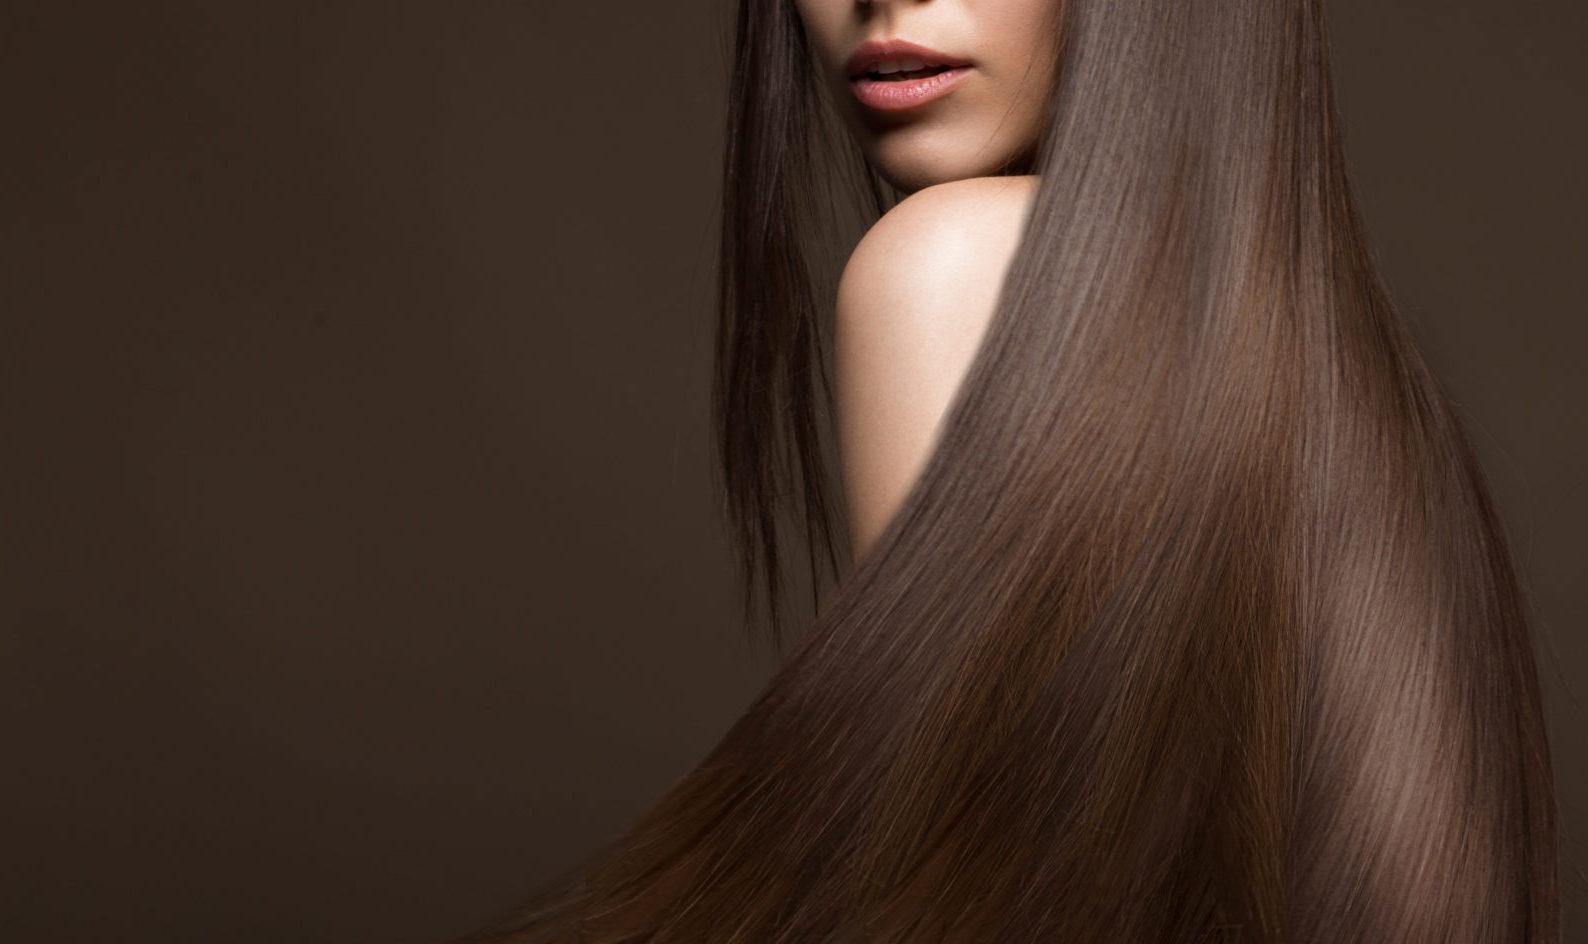 Лечение волос зимой. Какие услуги станут помощниками?